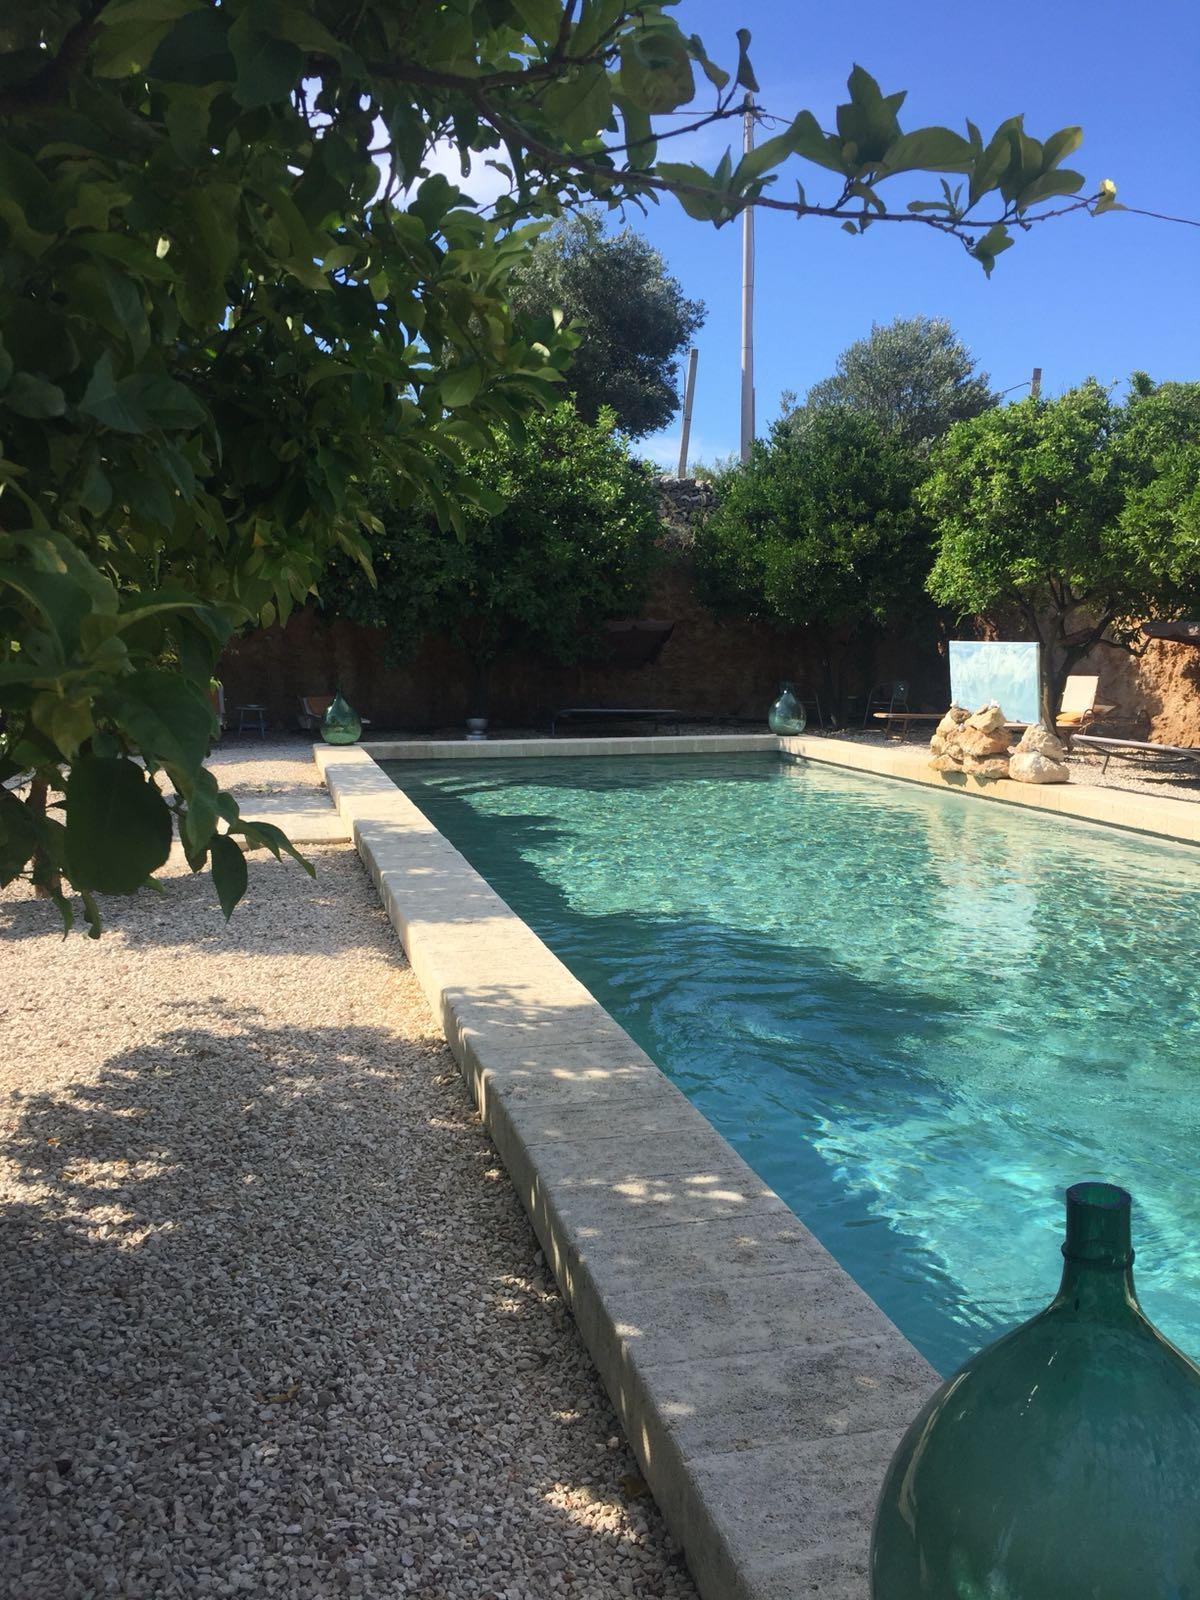 Masseria Lama di Coccaro Hotel Reviews | Expedia